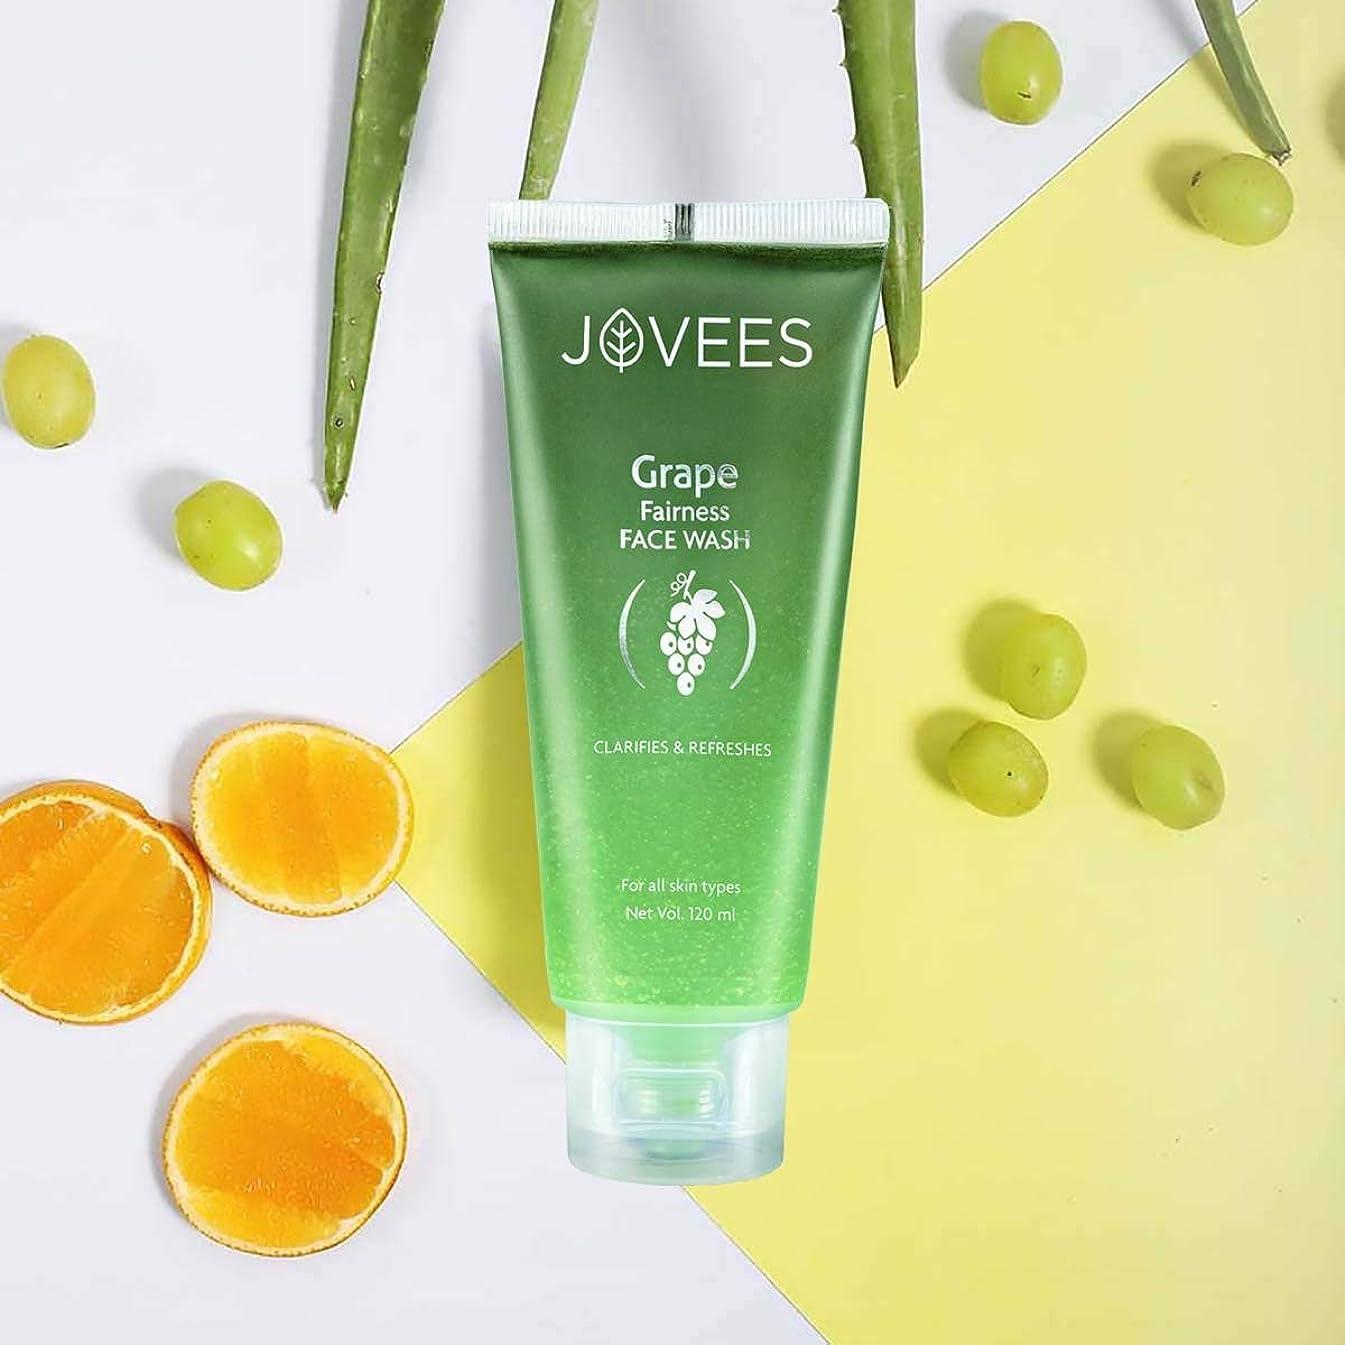 遷移ゴールデン用心するJovees Clarifying Grape Fairness Face Wash 120ml Orange Peel extract and Vitamin E オレンジピールエキスとビタミンEを配合したグレープフェアネス洗顔料